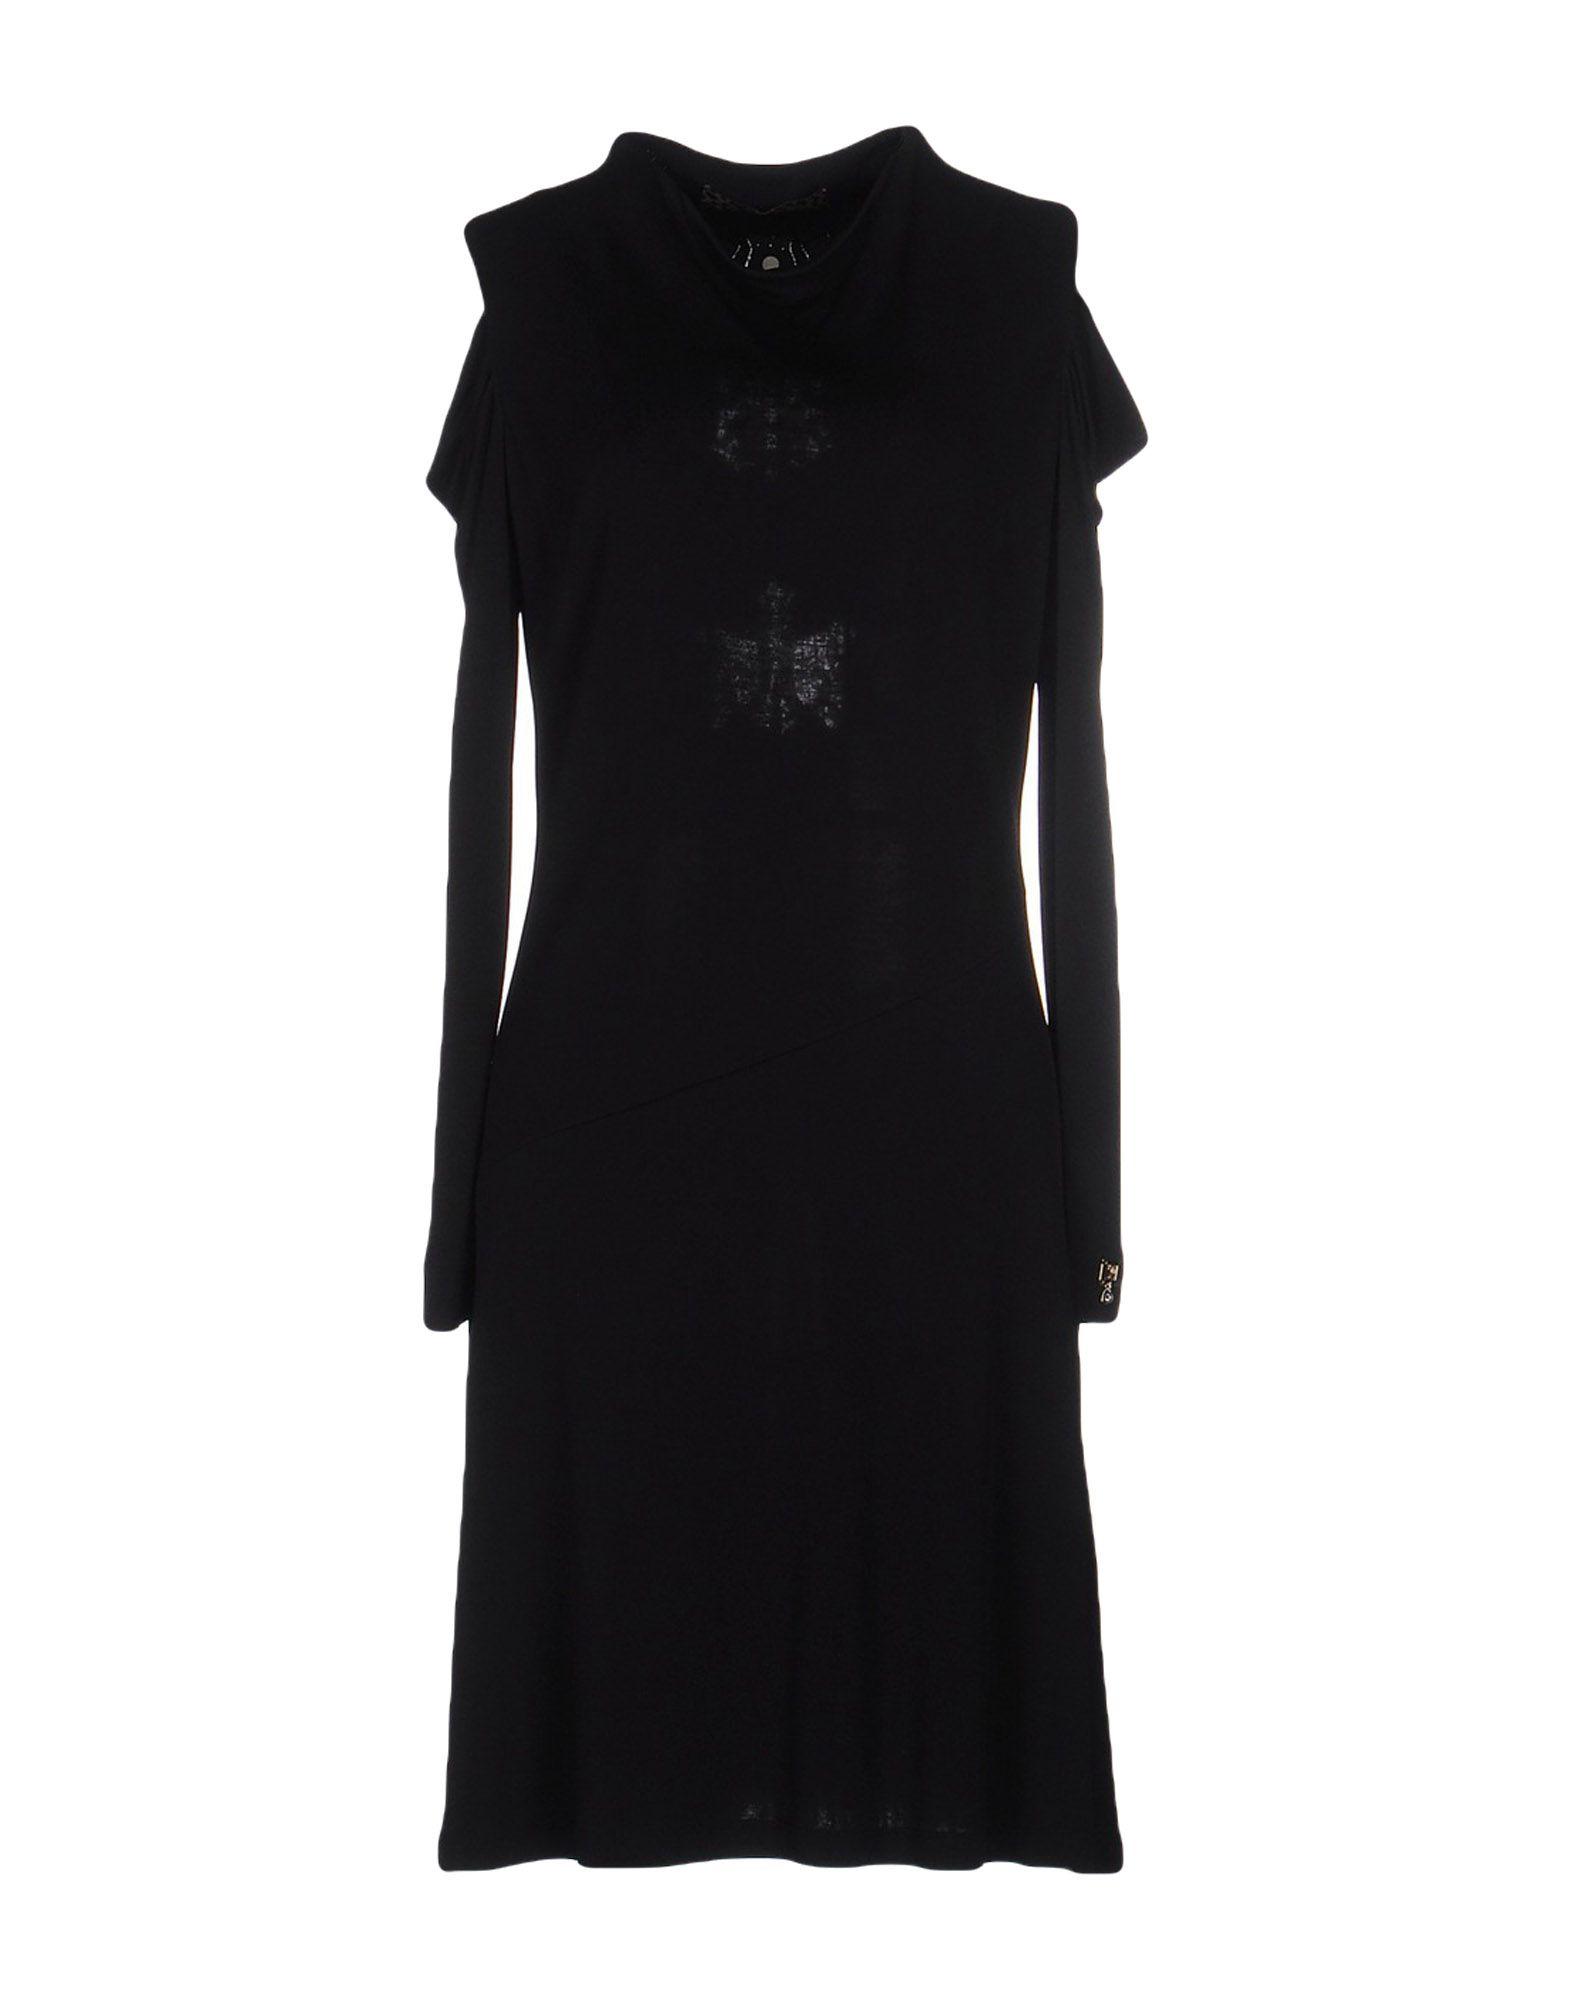 где купить 22 MAGGIO by MARIA GRAZIA SEVERI Платье до колена по лучшей цене